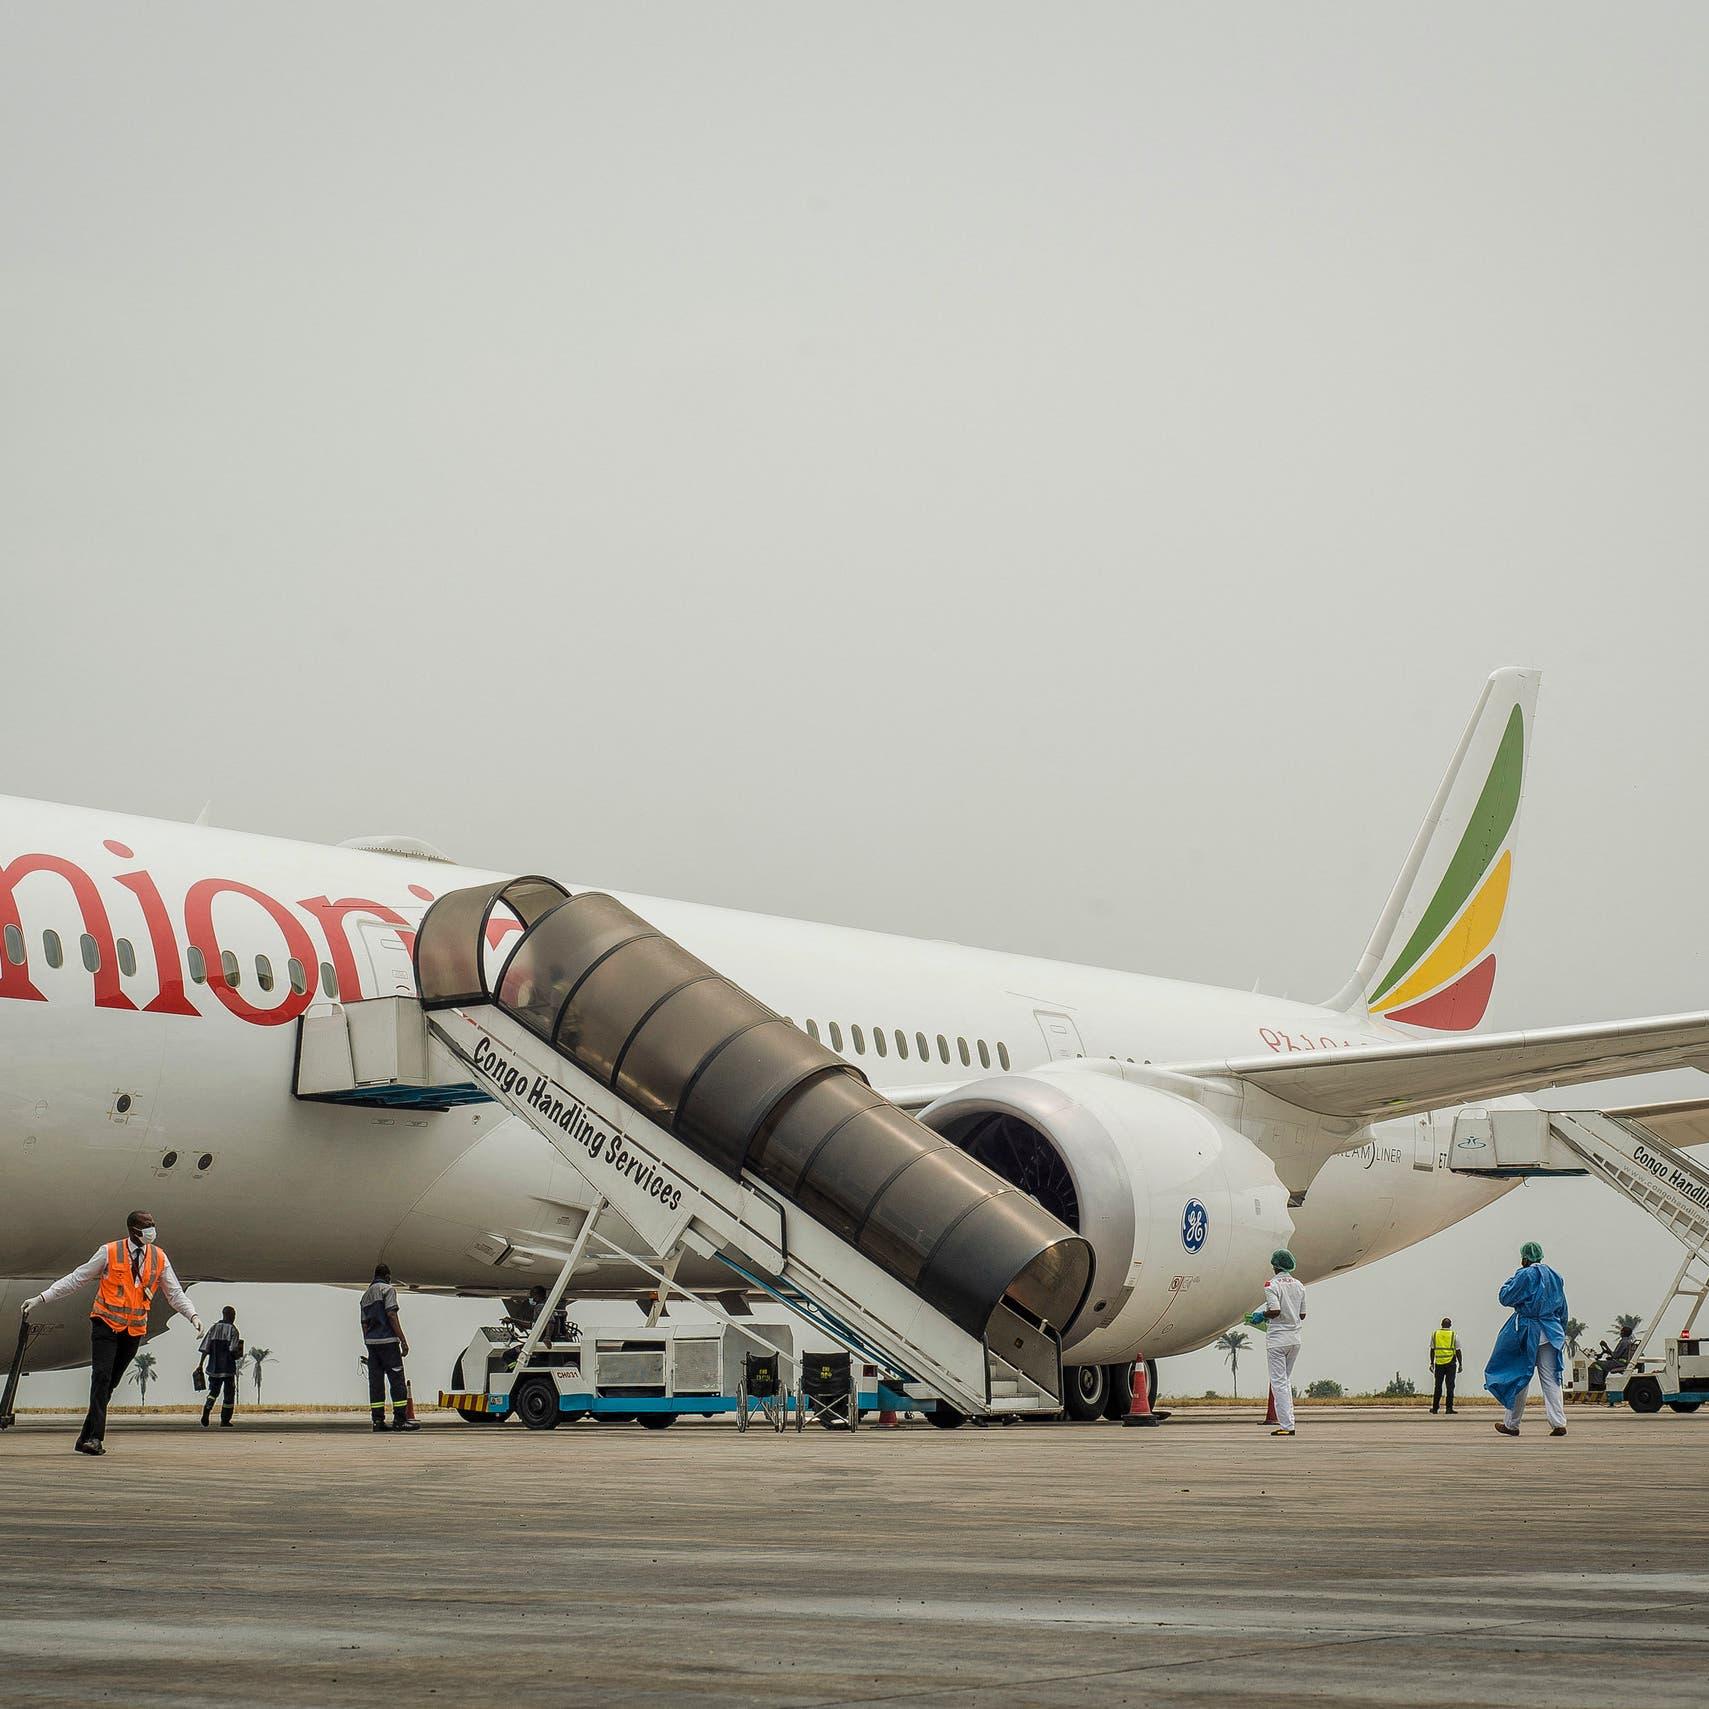 بعد تقرير عن استخدام طائرات مدنية لنقل الأسلحة.. واشنطن تحذر إثيوبيا